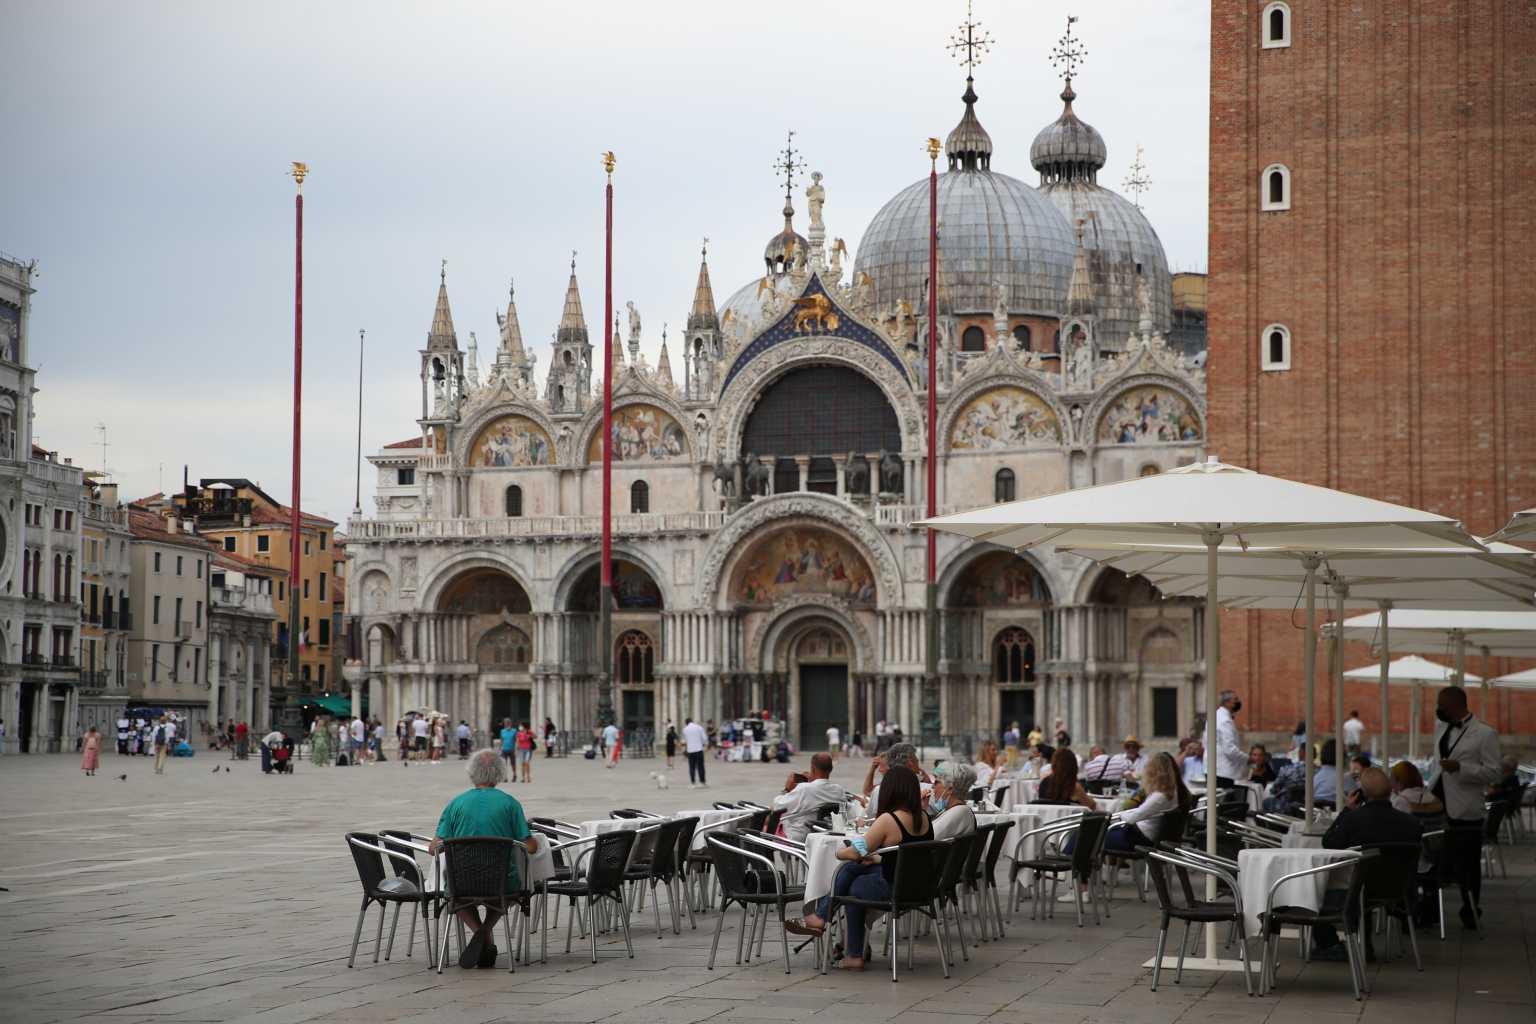 Κορονοϊός: 102 νεκροί σε 24 ώρες στην Ιταλία – Μειώνονται οι διασωληνωμένοι